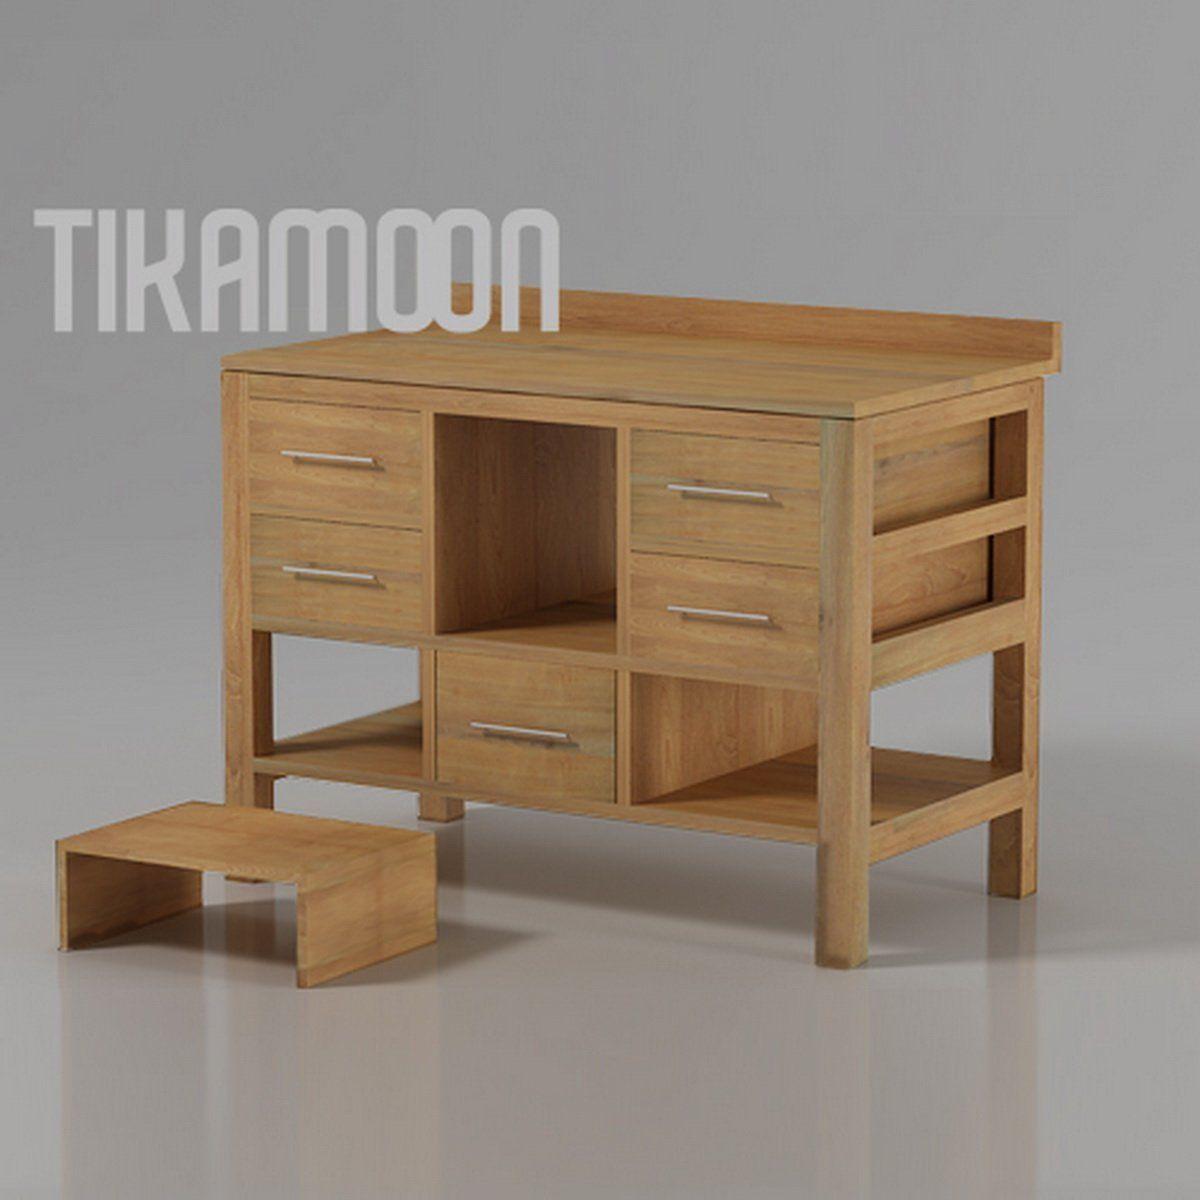 waschbeckenschrank waschtisch waschbecken unterschrank massiv holz teak bad neu. Black Bedroom Furniture Sets. Home Design Ideas